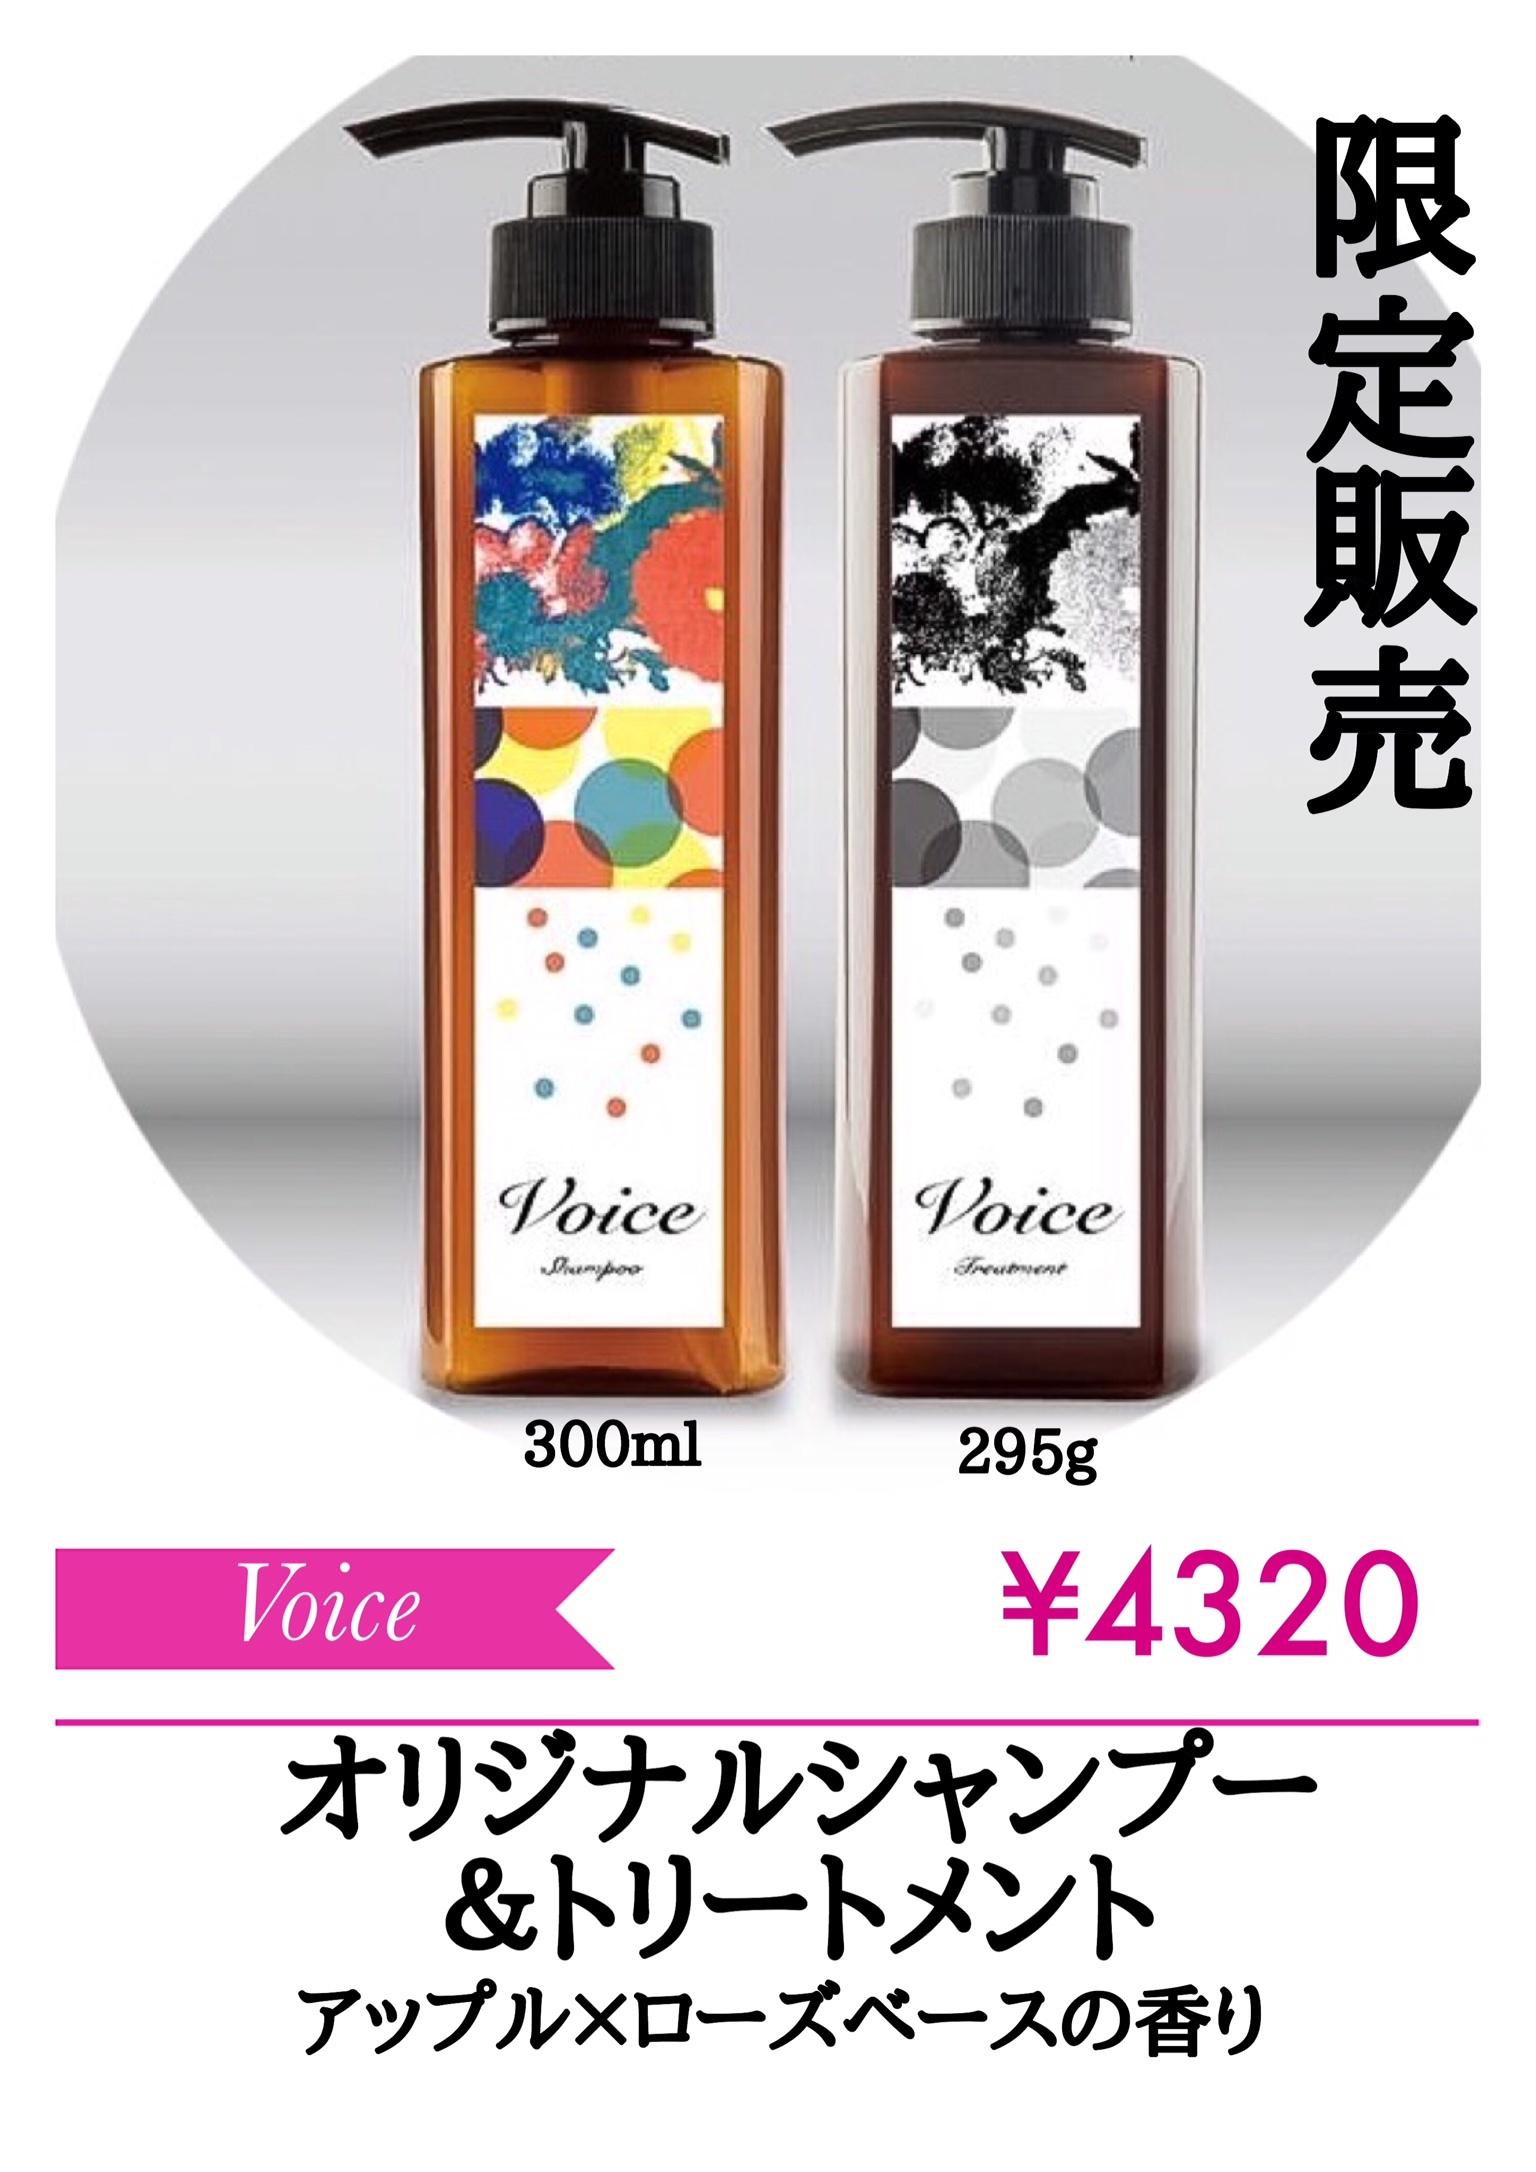 限定販売決定!!_e0056674_15114808.jpg